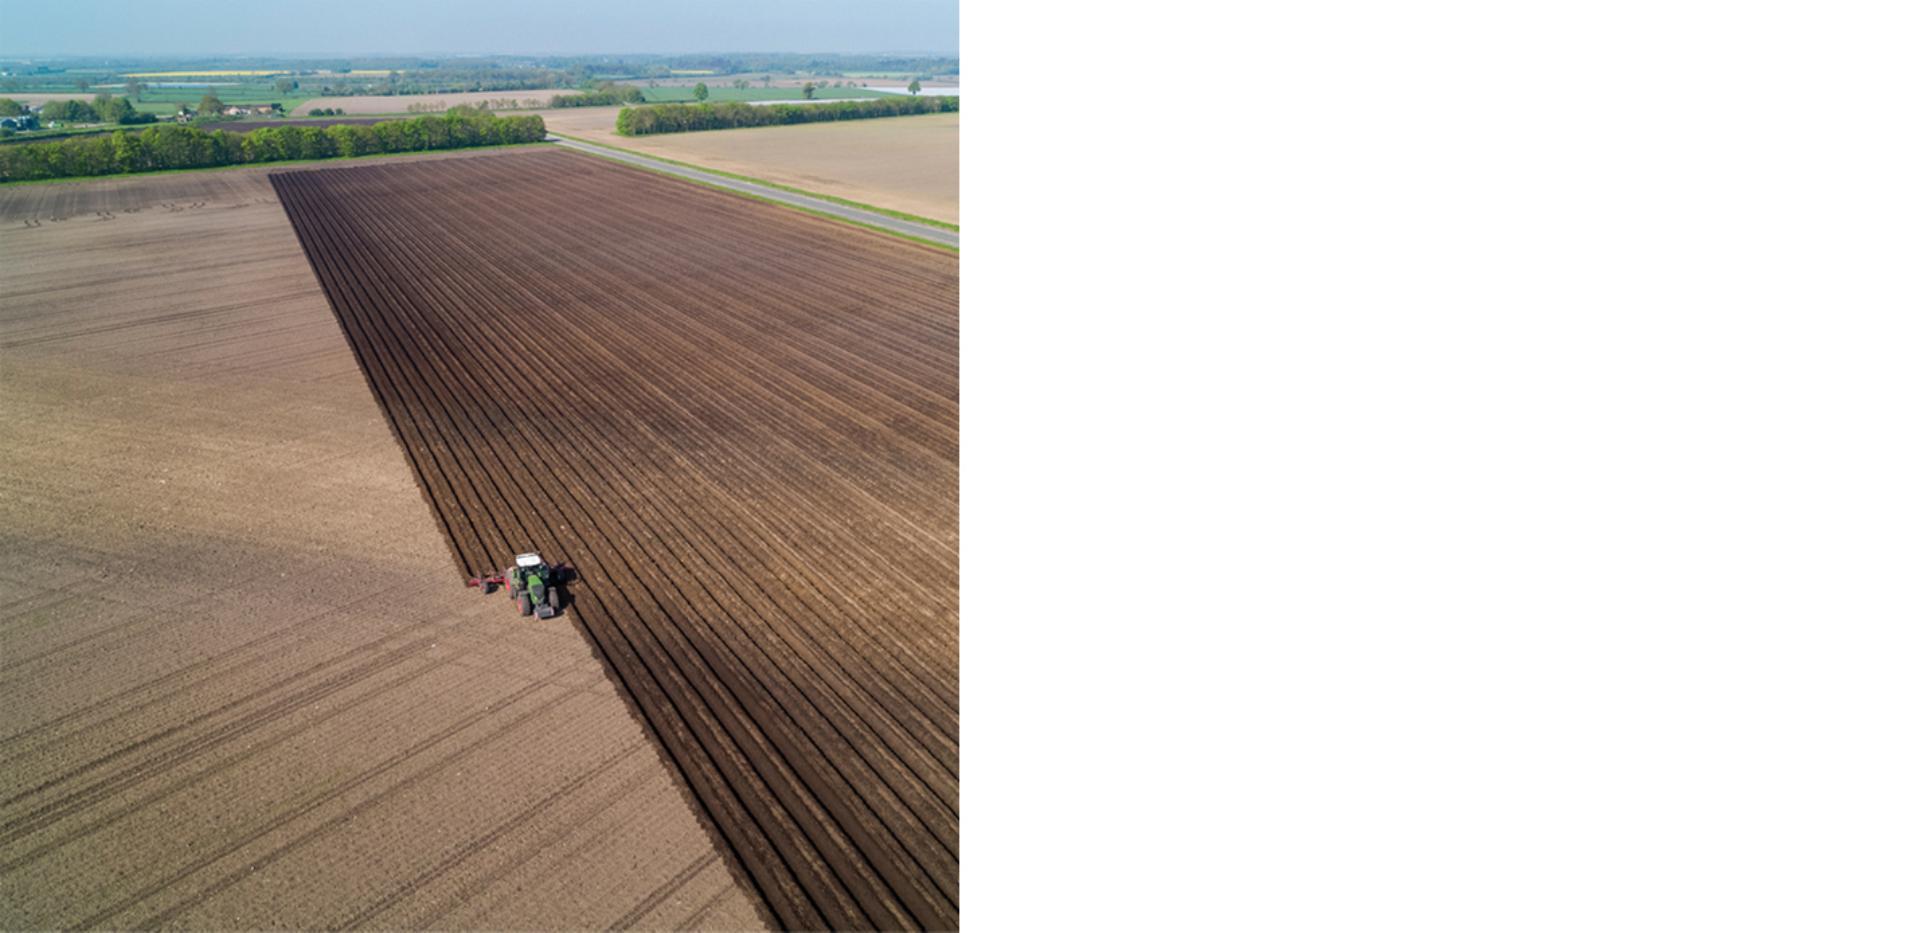 효율적인 농업